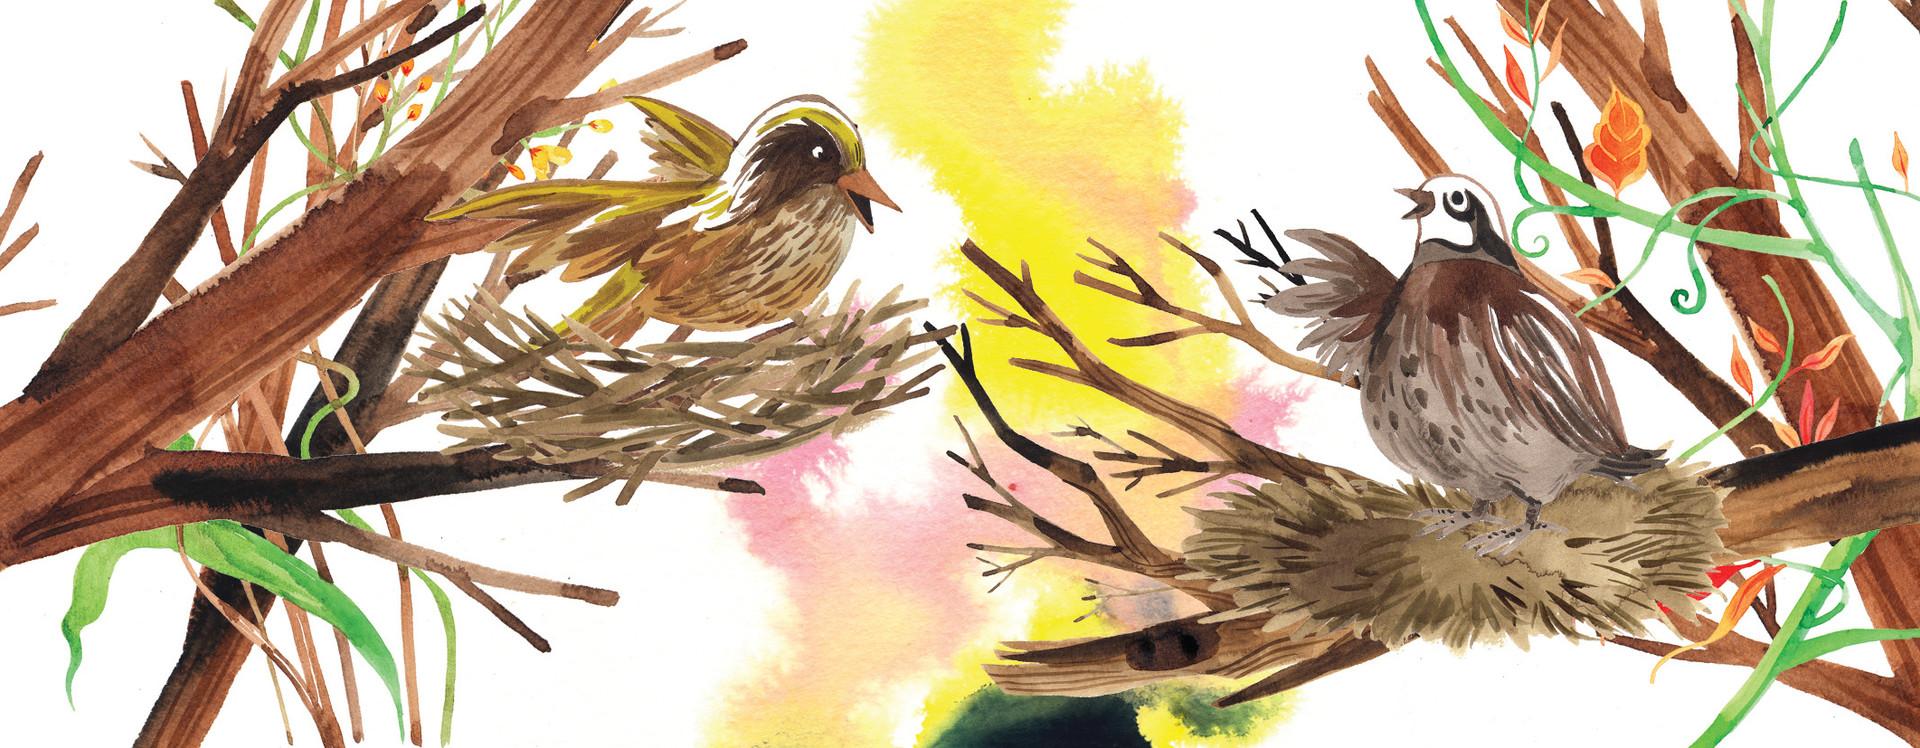 06 Burung Tempua dan Burung Puyuh